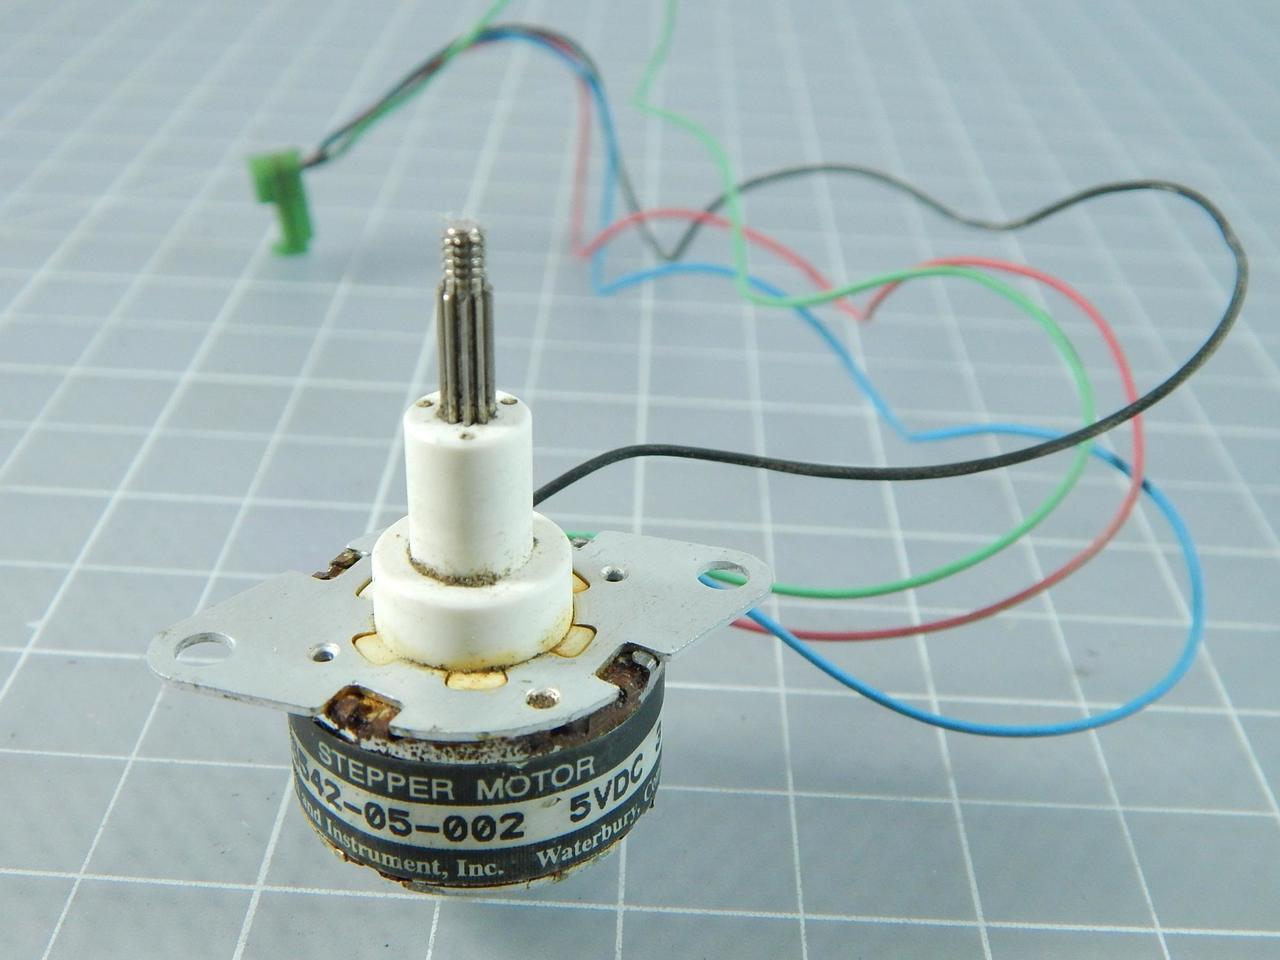 R26542-05-002 Stepper Motor 5 VDC T105344 - Test Equipment and ...